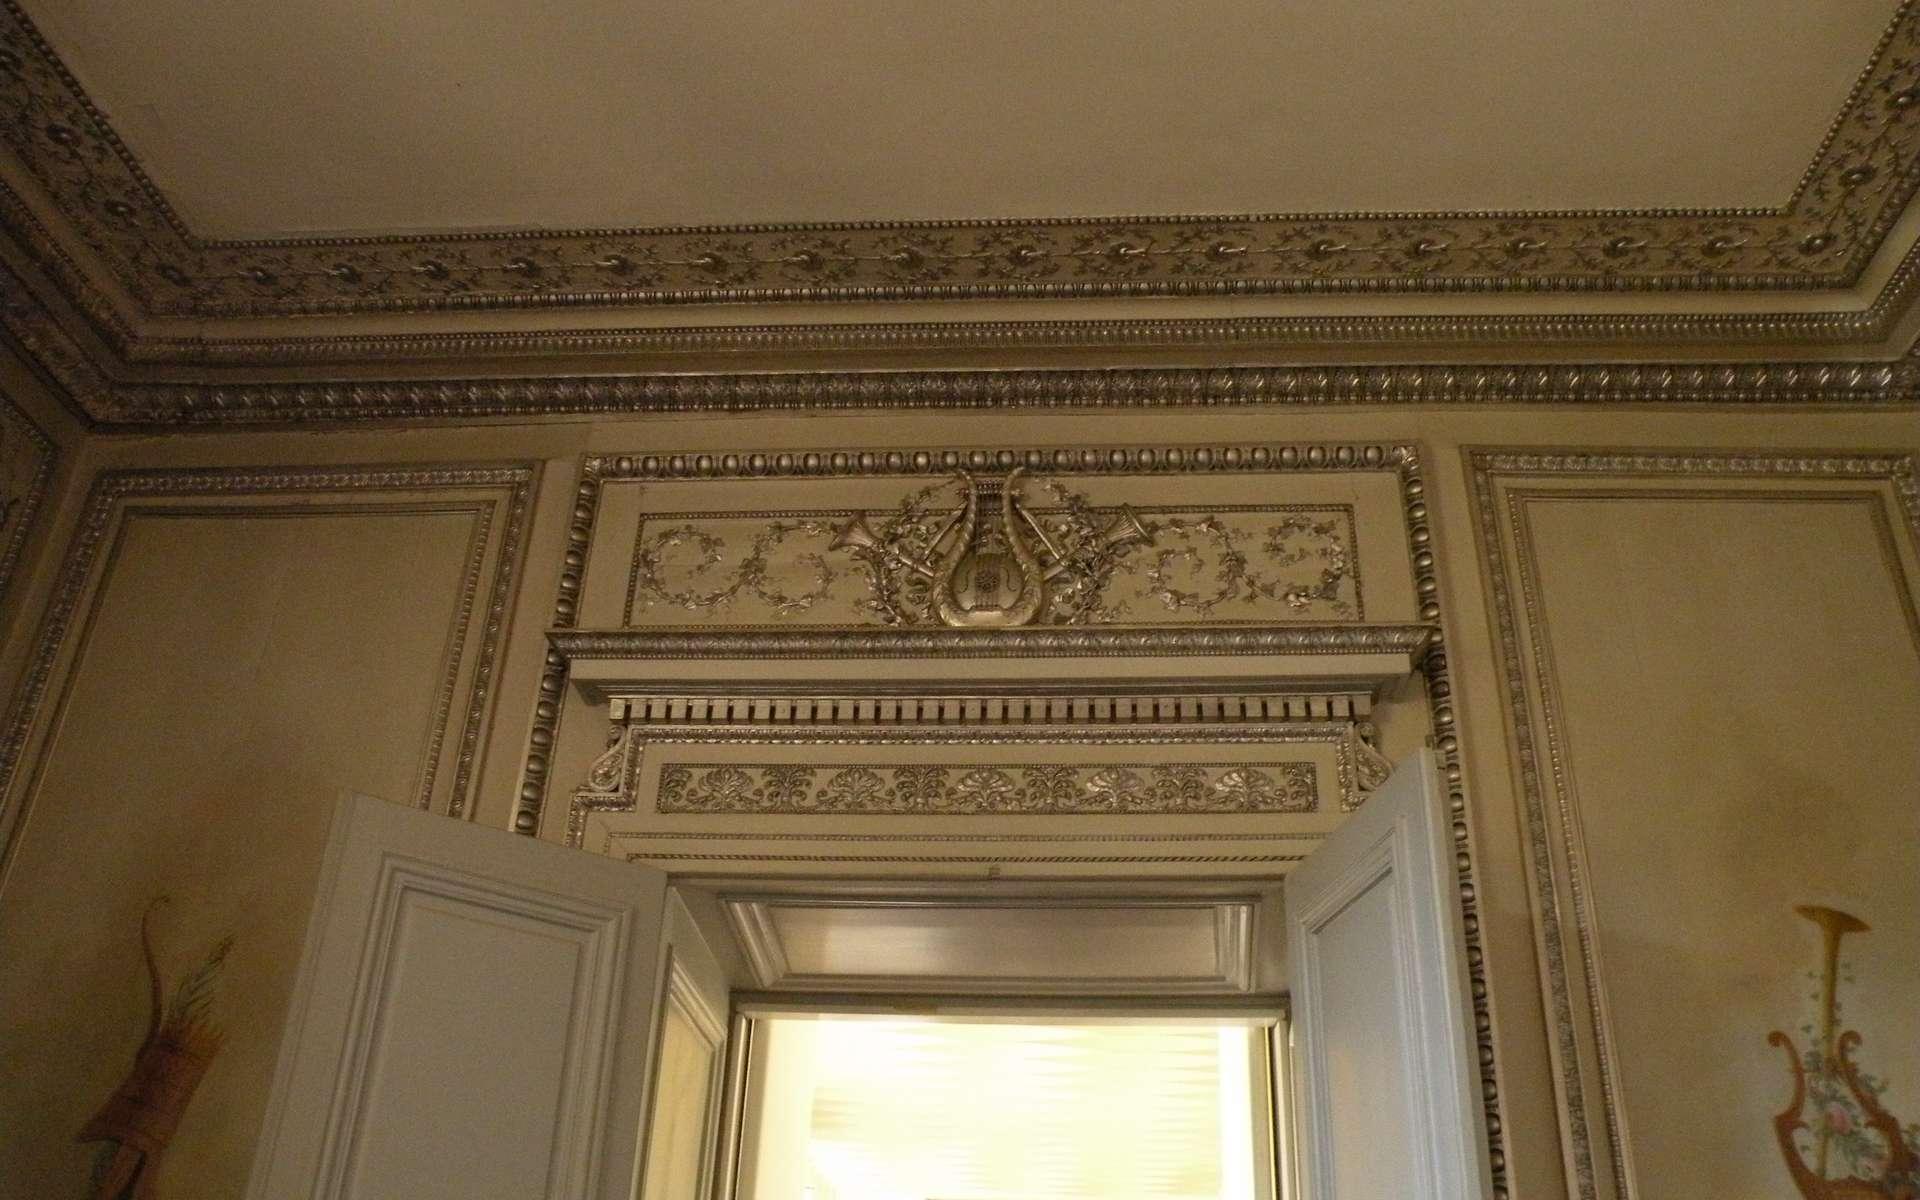 Le chambranle peut ressembler à une œuvre d'art tant il est ouvragé comme ici dans le salon d'argent du Palais de l'Élysée. © Chatsam, CC BY-SA 3.0, Wikimedia Commons